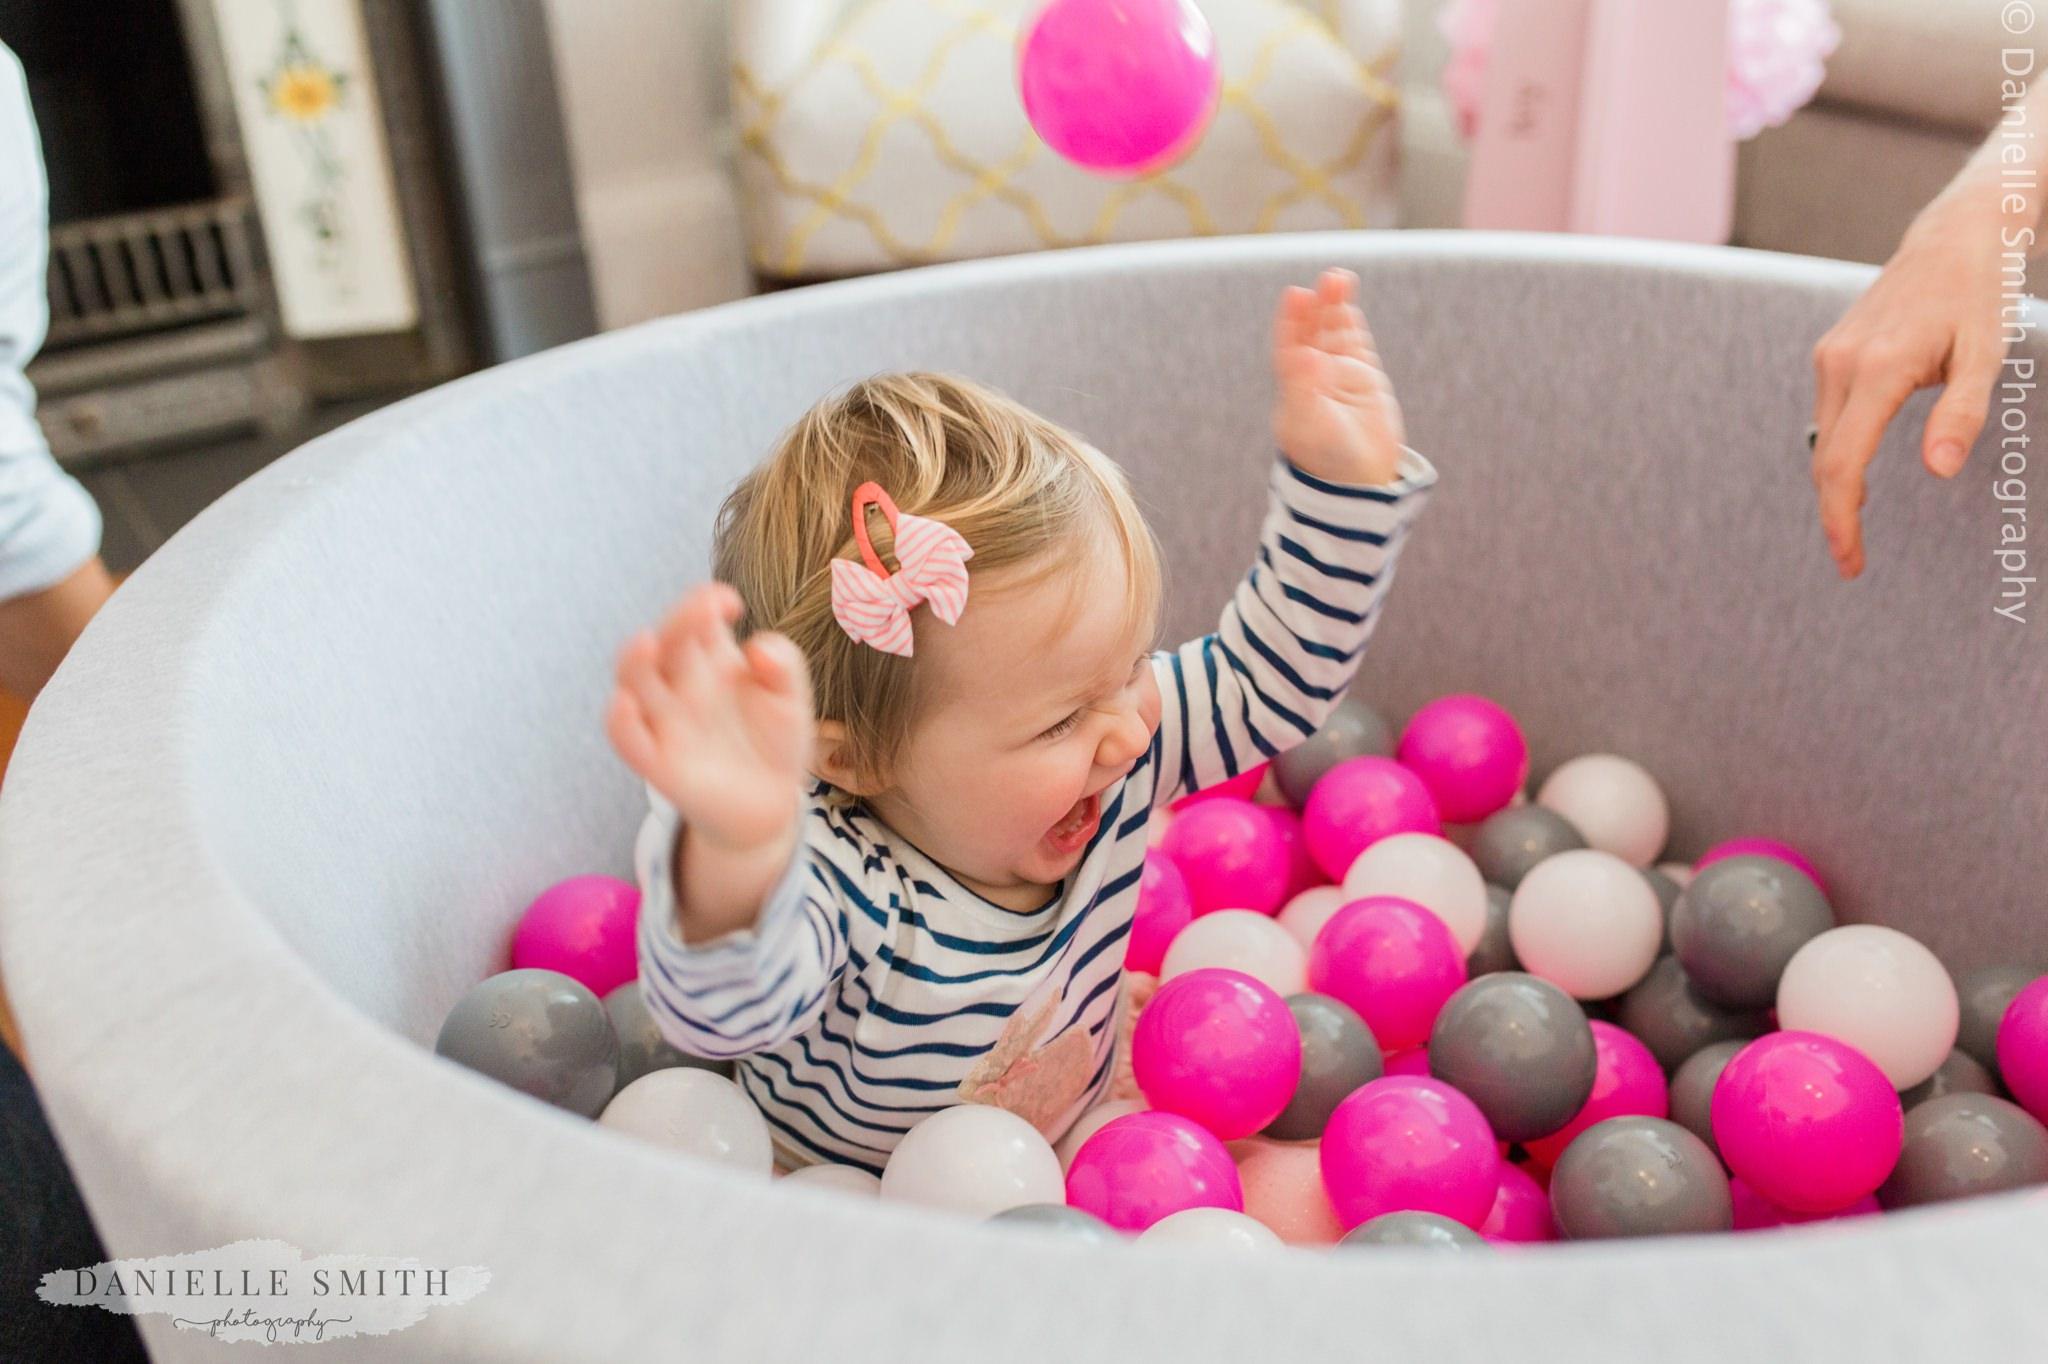 baby girl having fun splashing in her ball pool